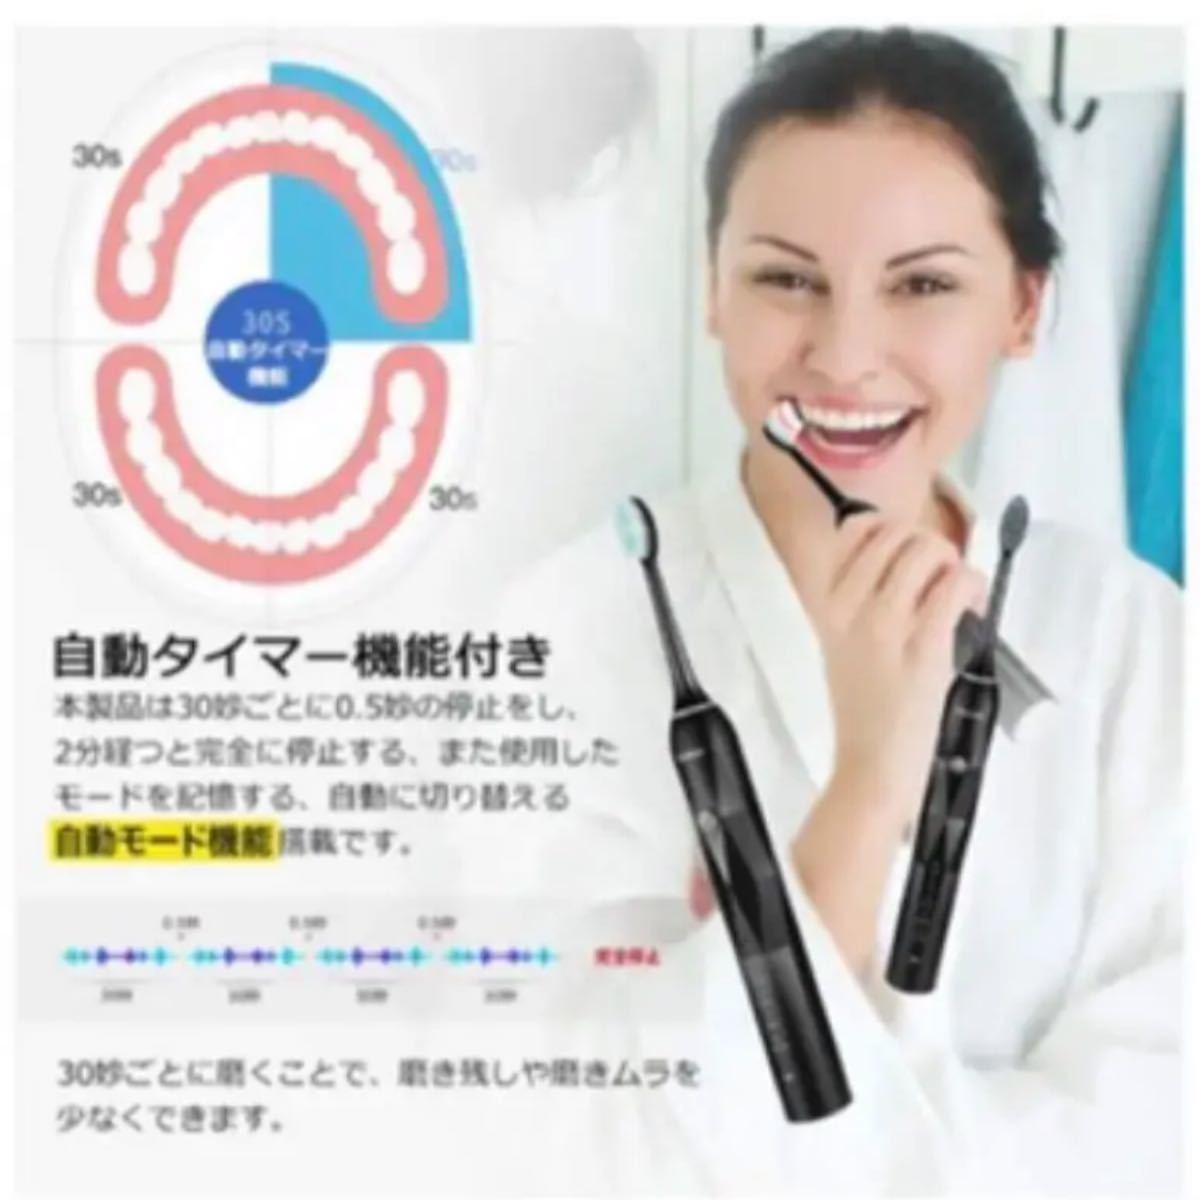 電動歯ブラシ 充電式 音波歯ブラシ 電動ハブラシ はみがき 歯磨き ハミガキ 歯垢 ハブラシ 音波振動歯